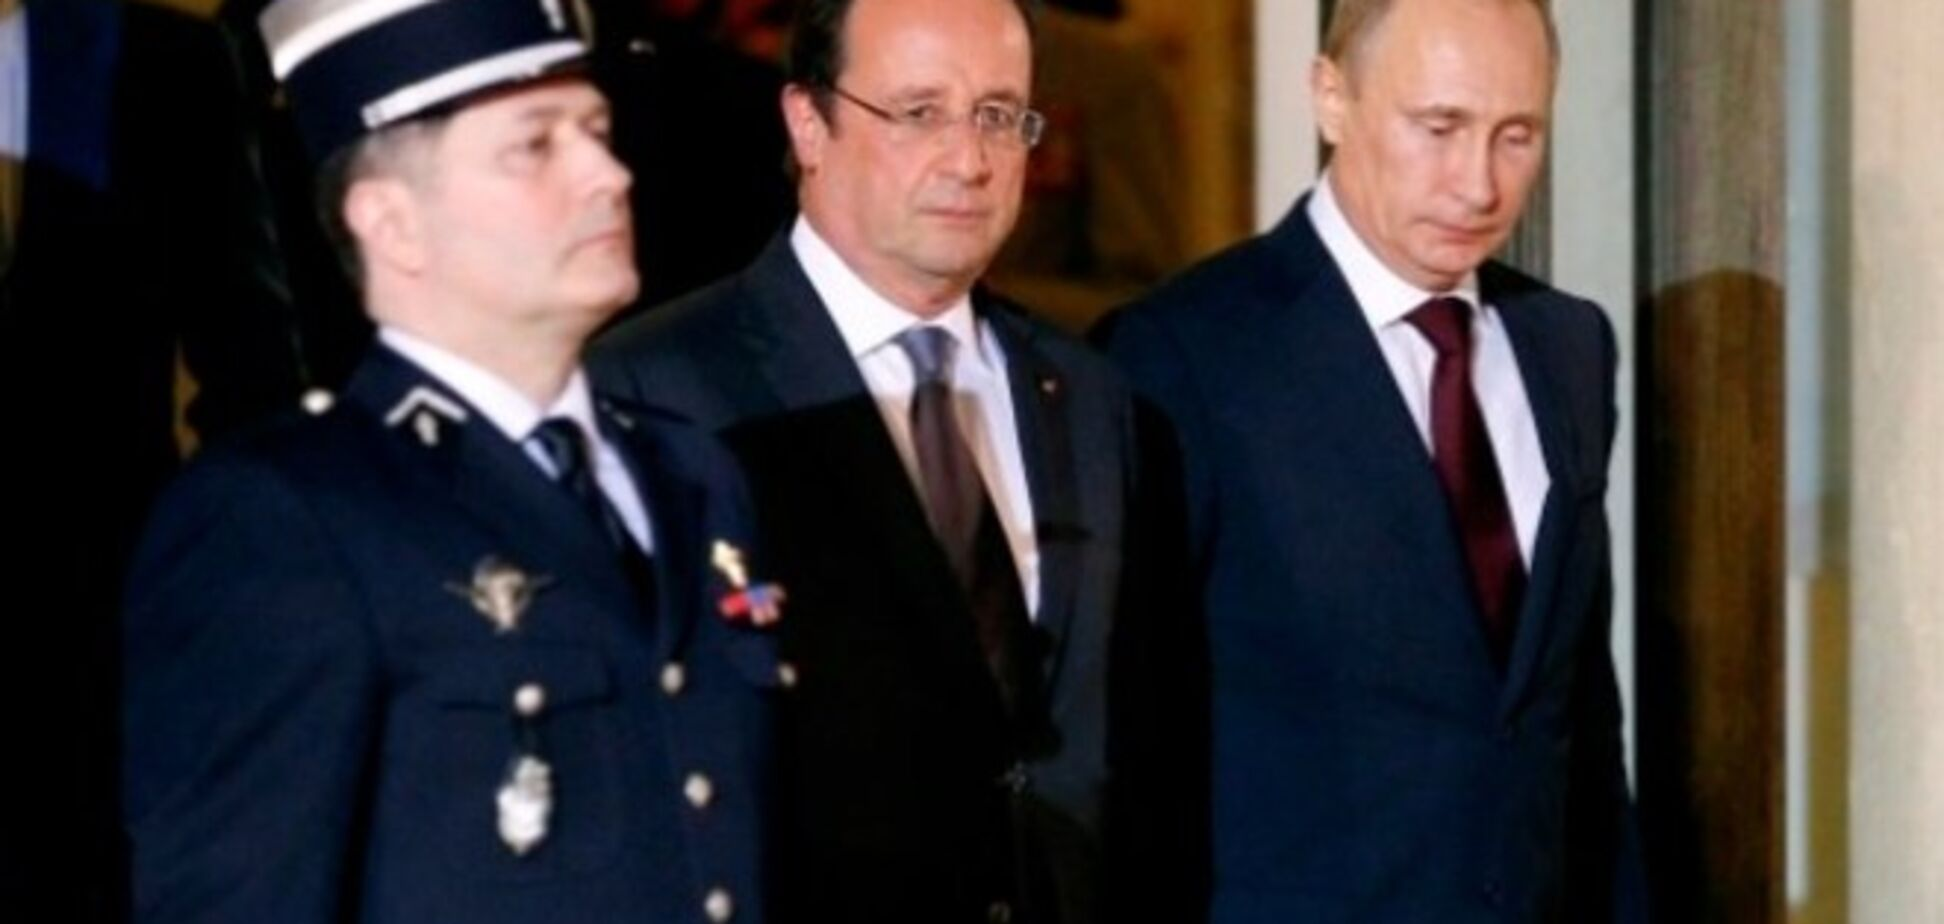 Путин признался, что может повлиять на террористов в Украине - премьер Франции